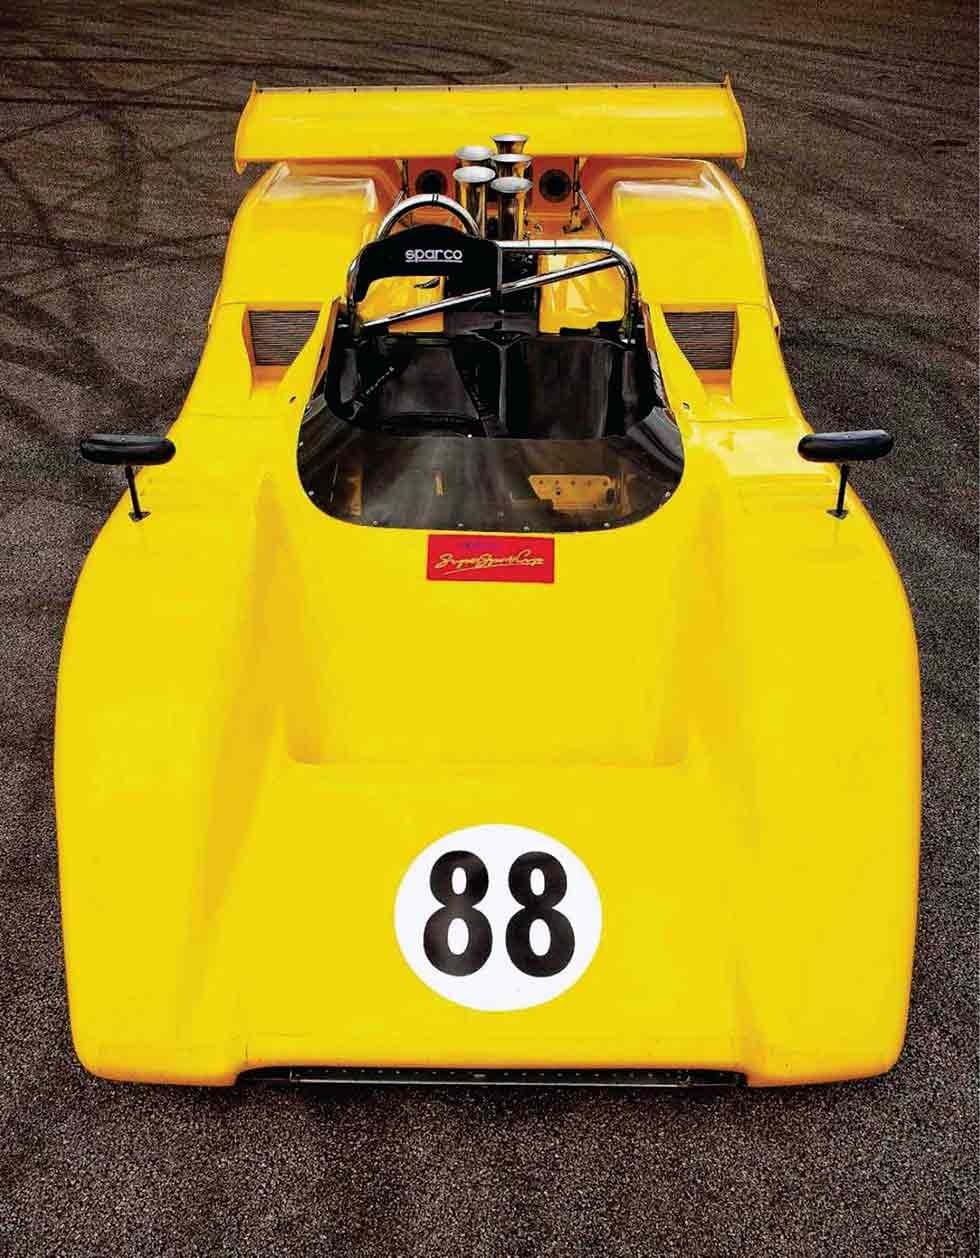 1971 McLaren M8E CanAm Challenge Car